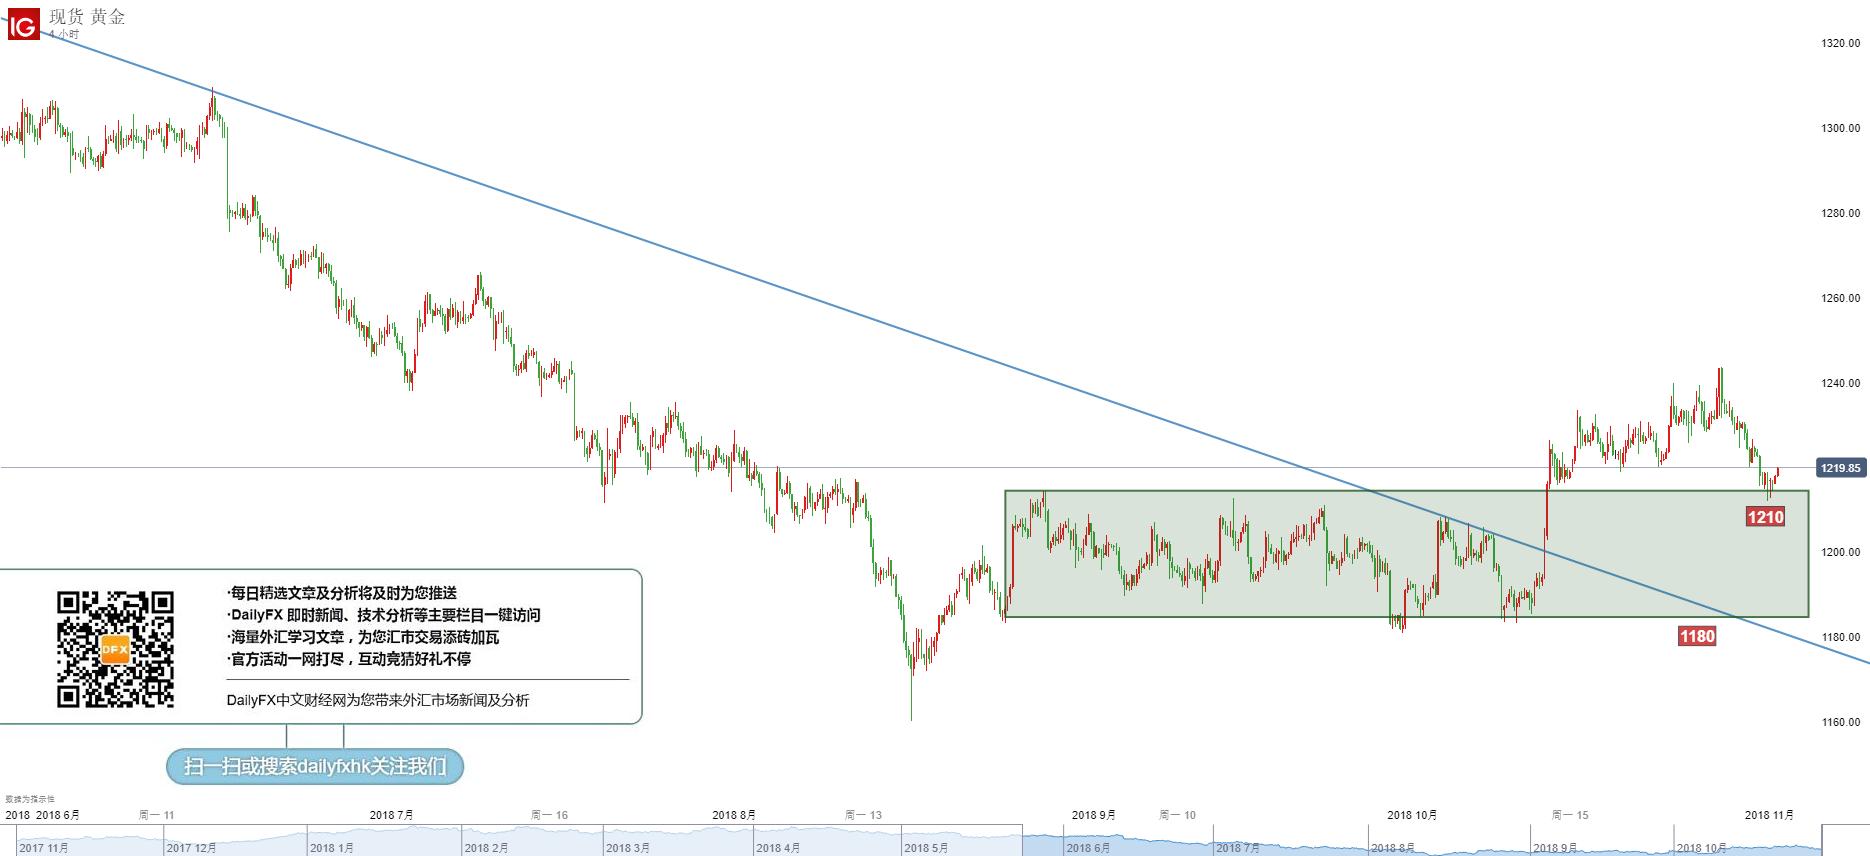 黃金/美元技術分析:1210-1230高空低買